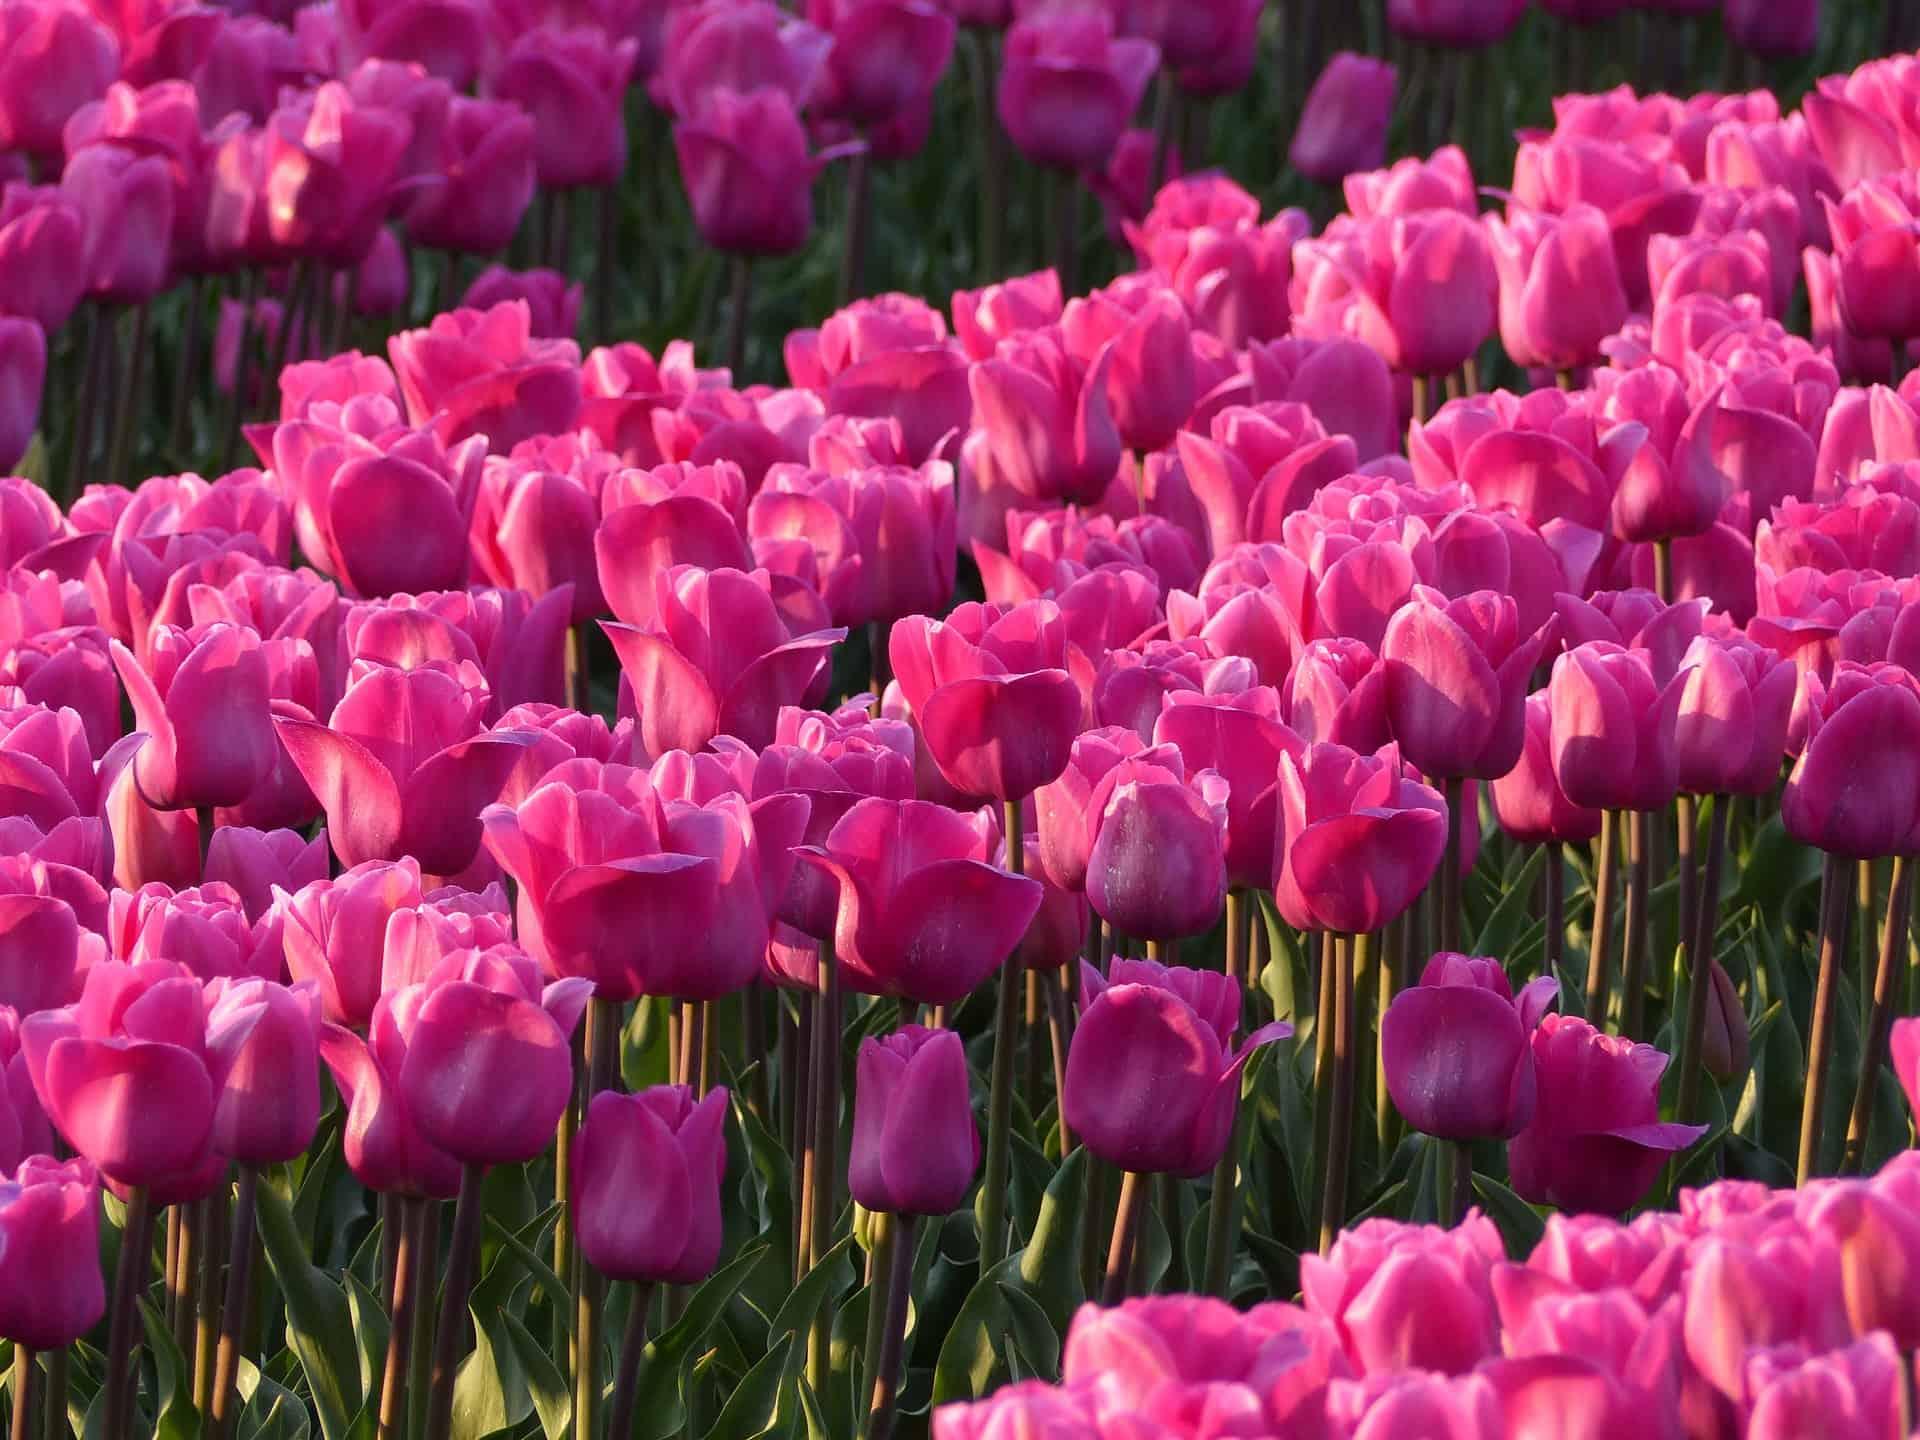 Historia de la llamada Región de los Tulipanes